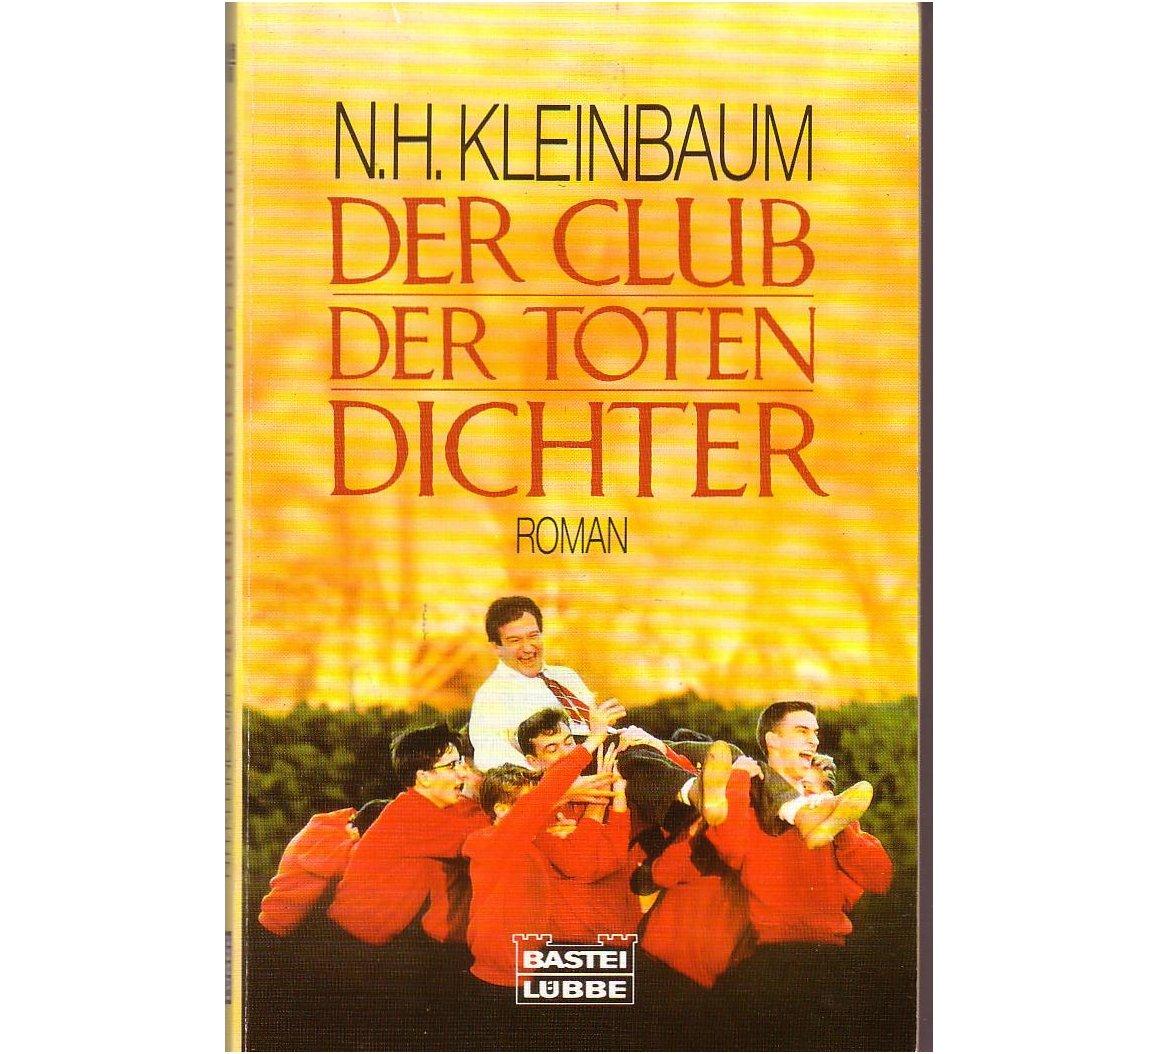 Der Club Der Toten Dichter Imdb